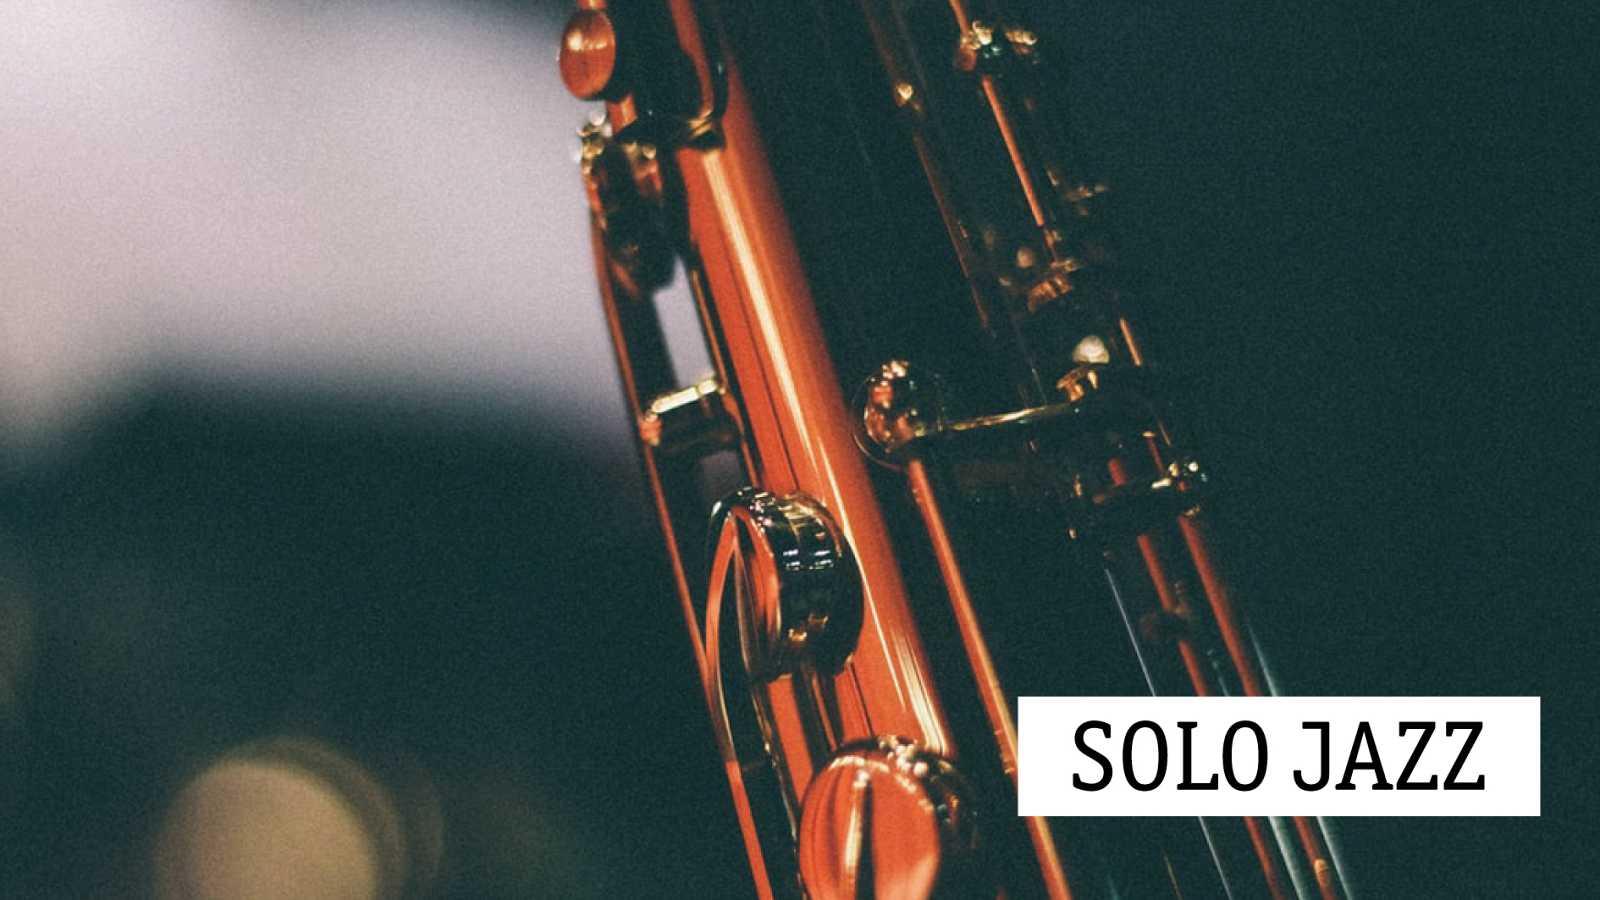 Solo jazz - La capacidad de sorpresa del jazz - 25/11/20 - escuchar ahora